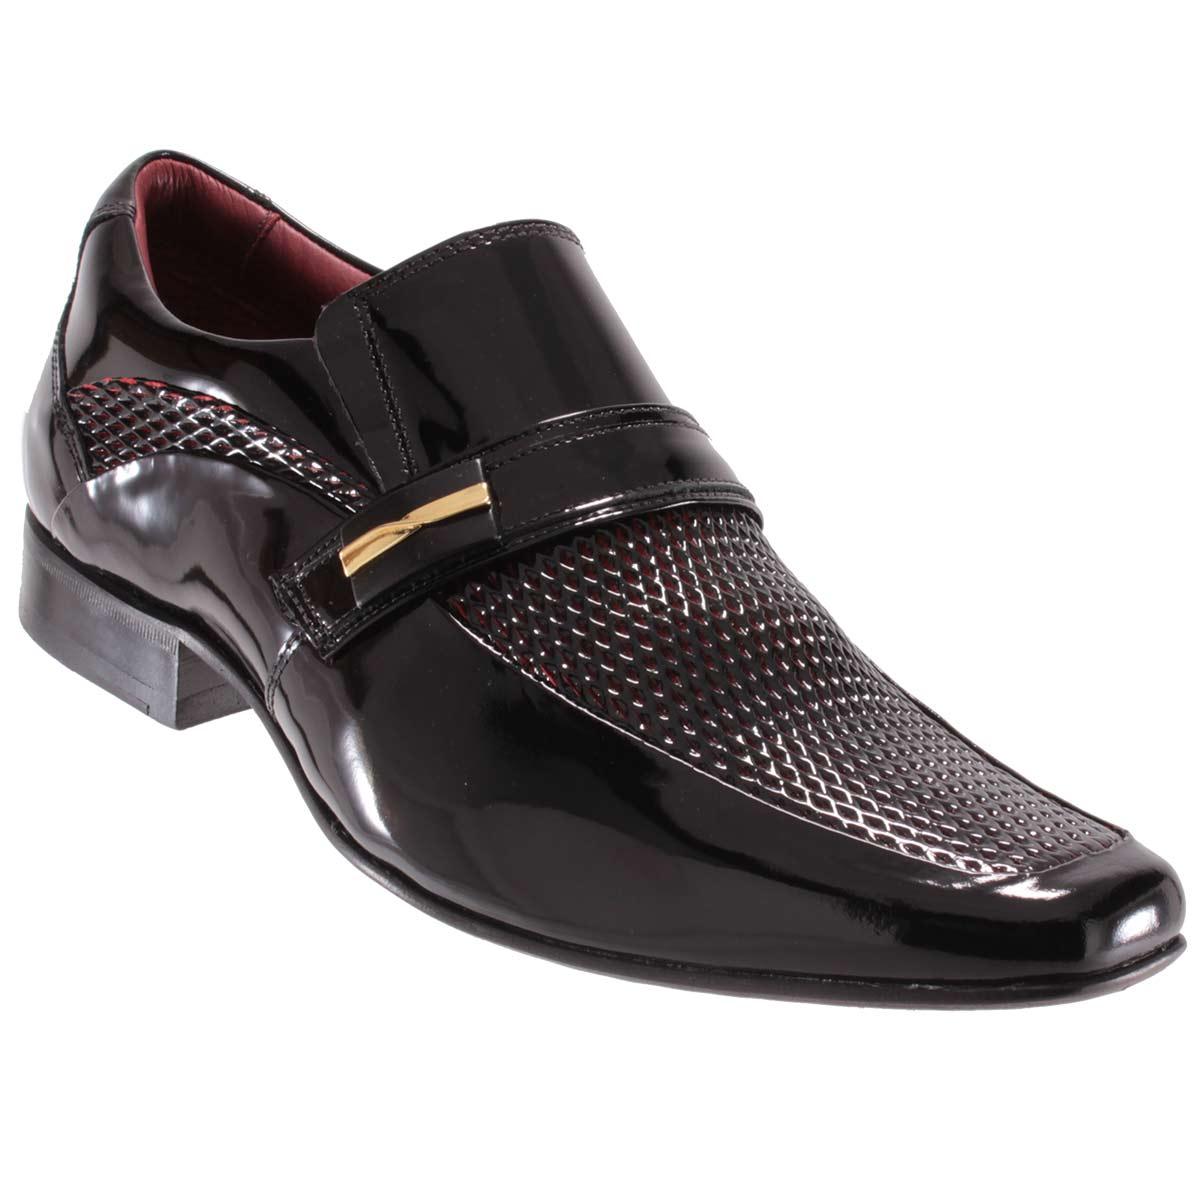 Sapato Social Gofer Masculino Fivela Couro Verniz Legítimo 0253A